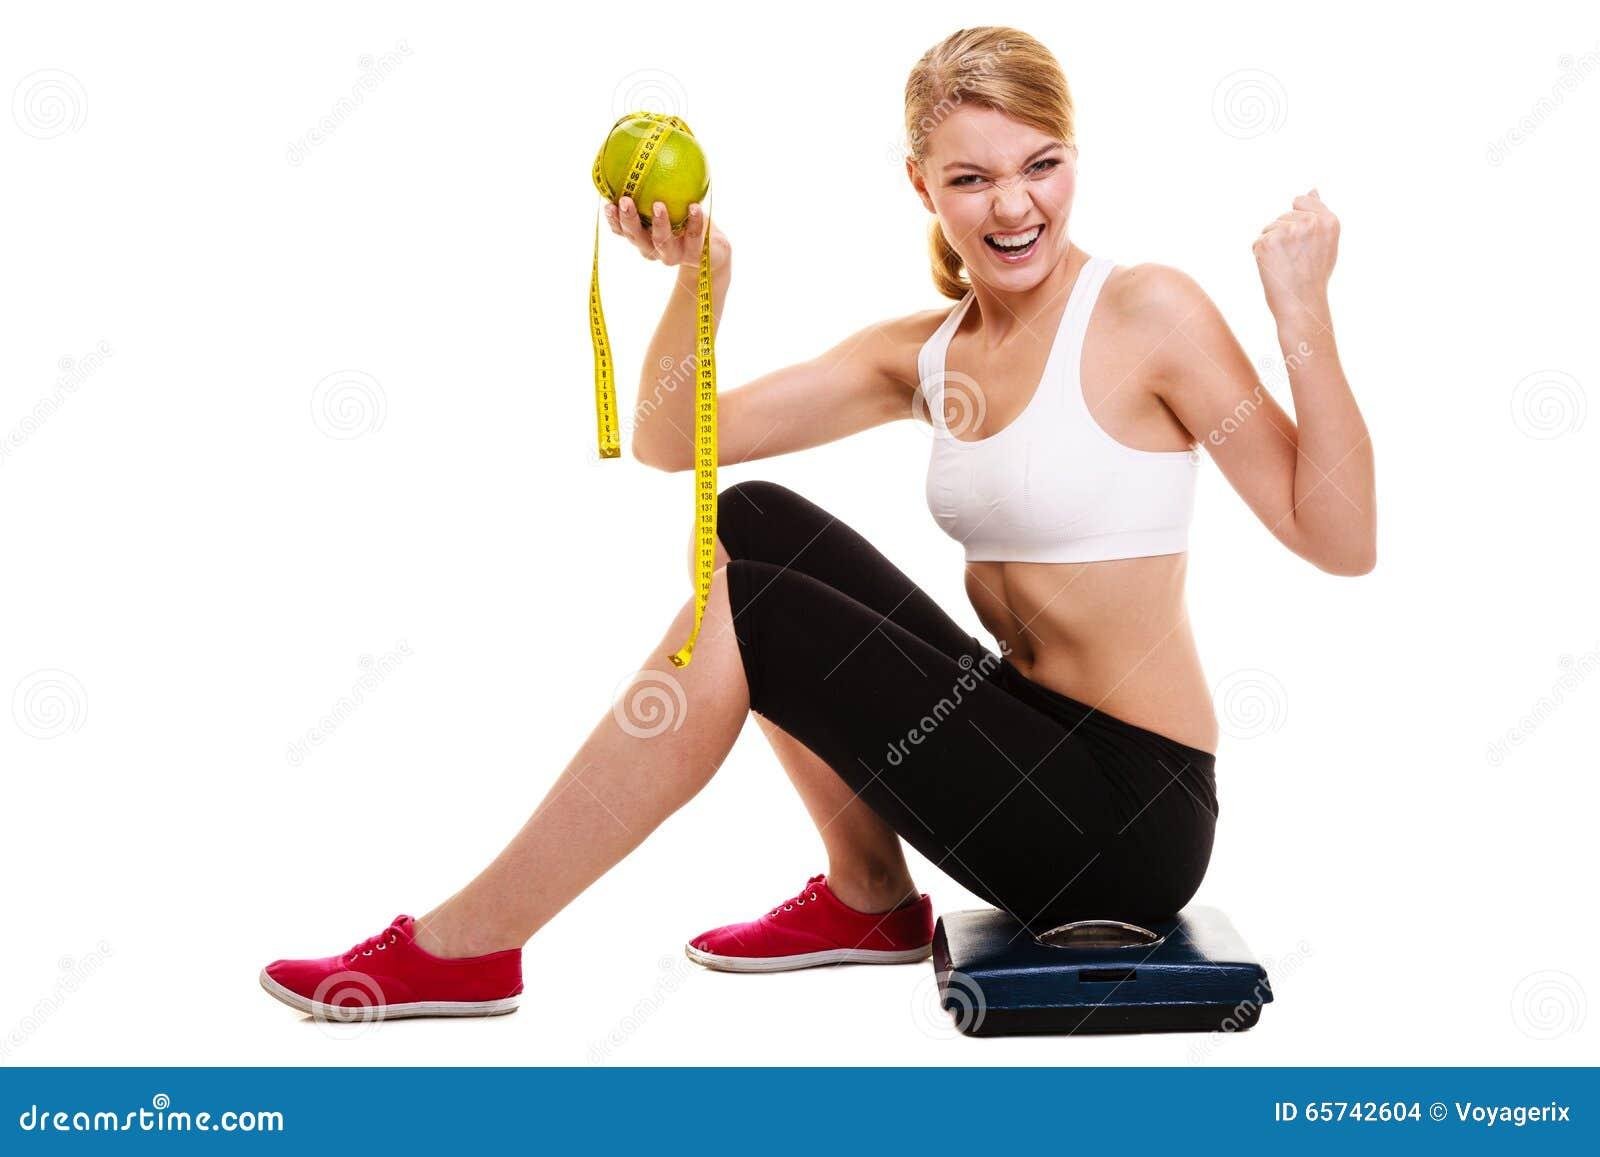 Dietas para adelgazar brazos y abdomen